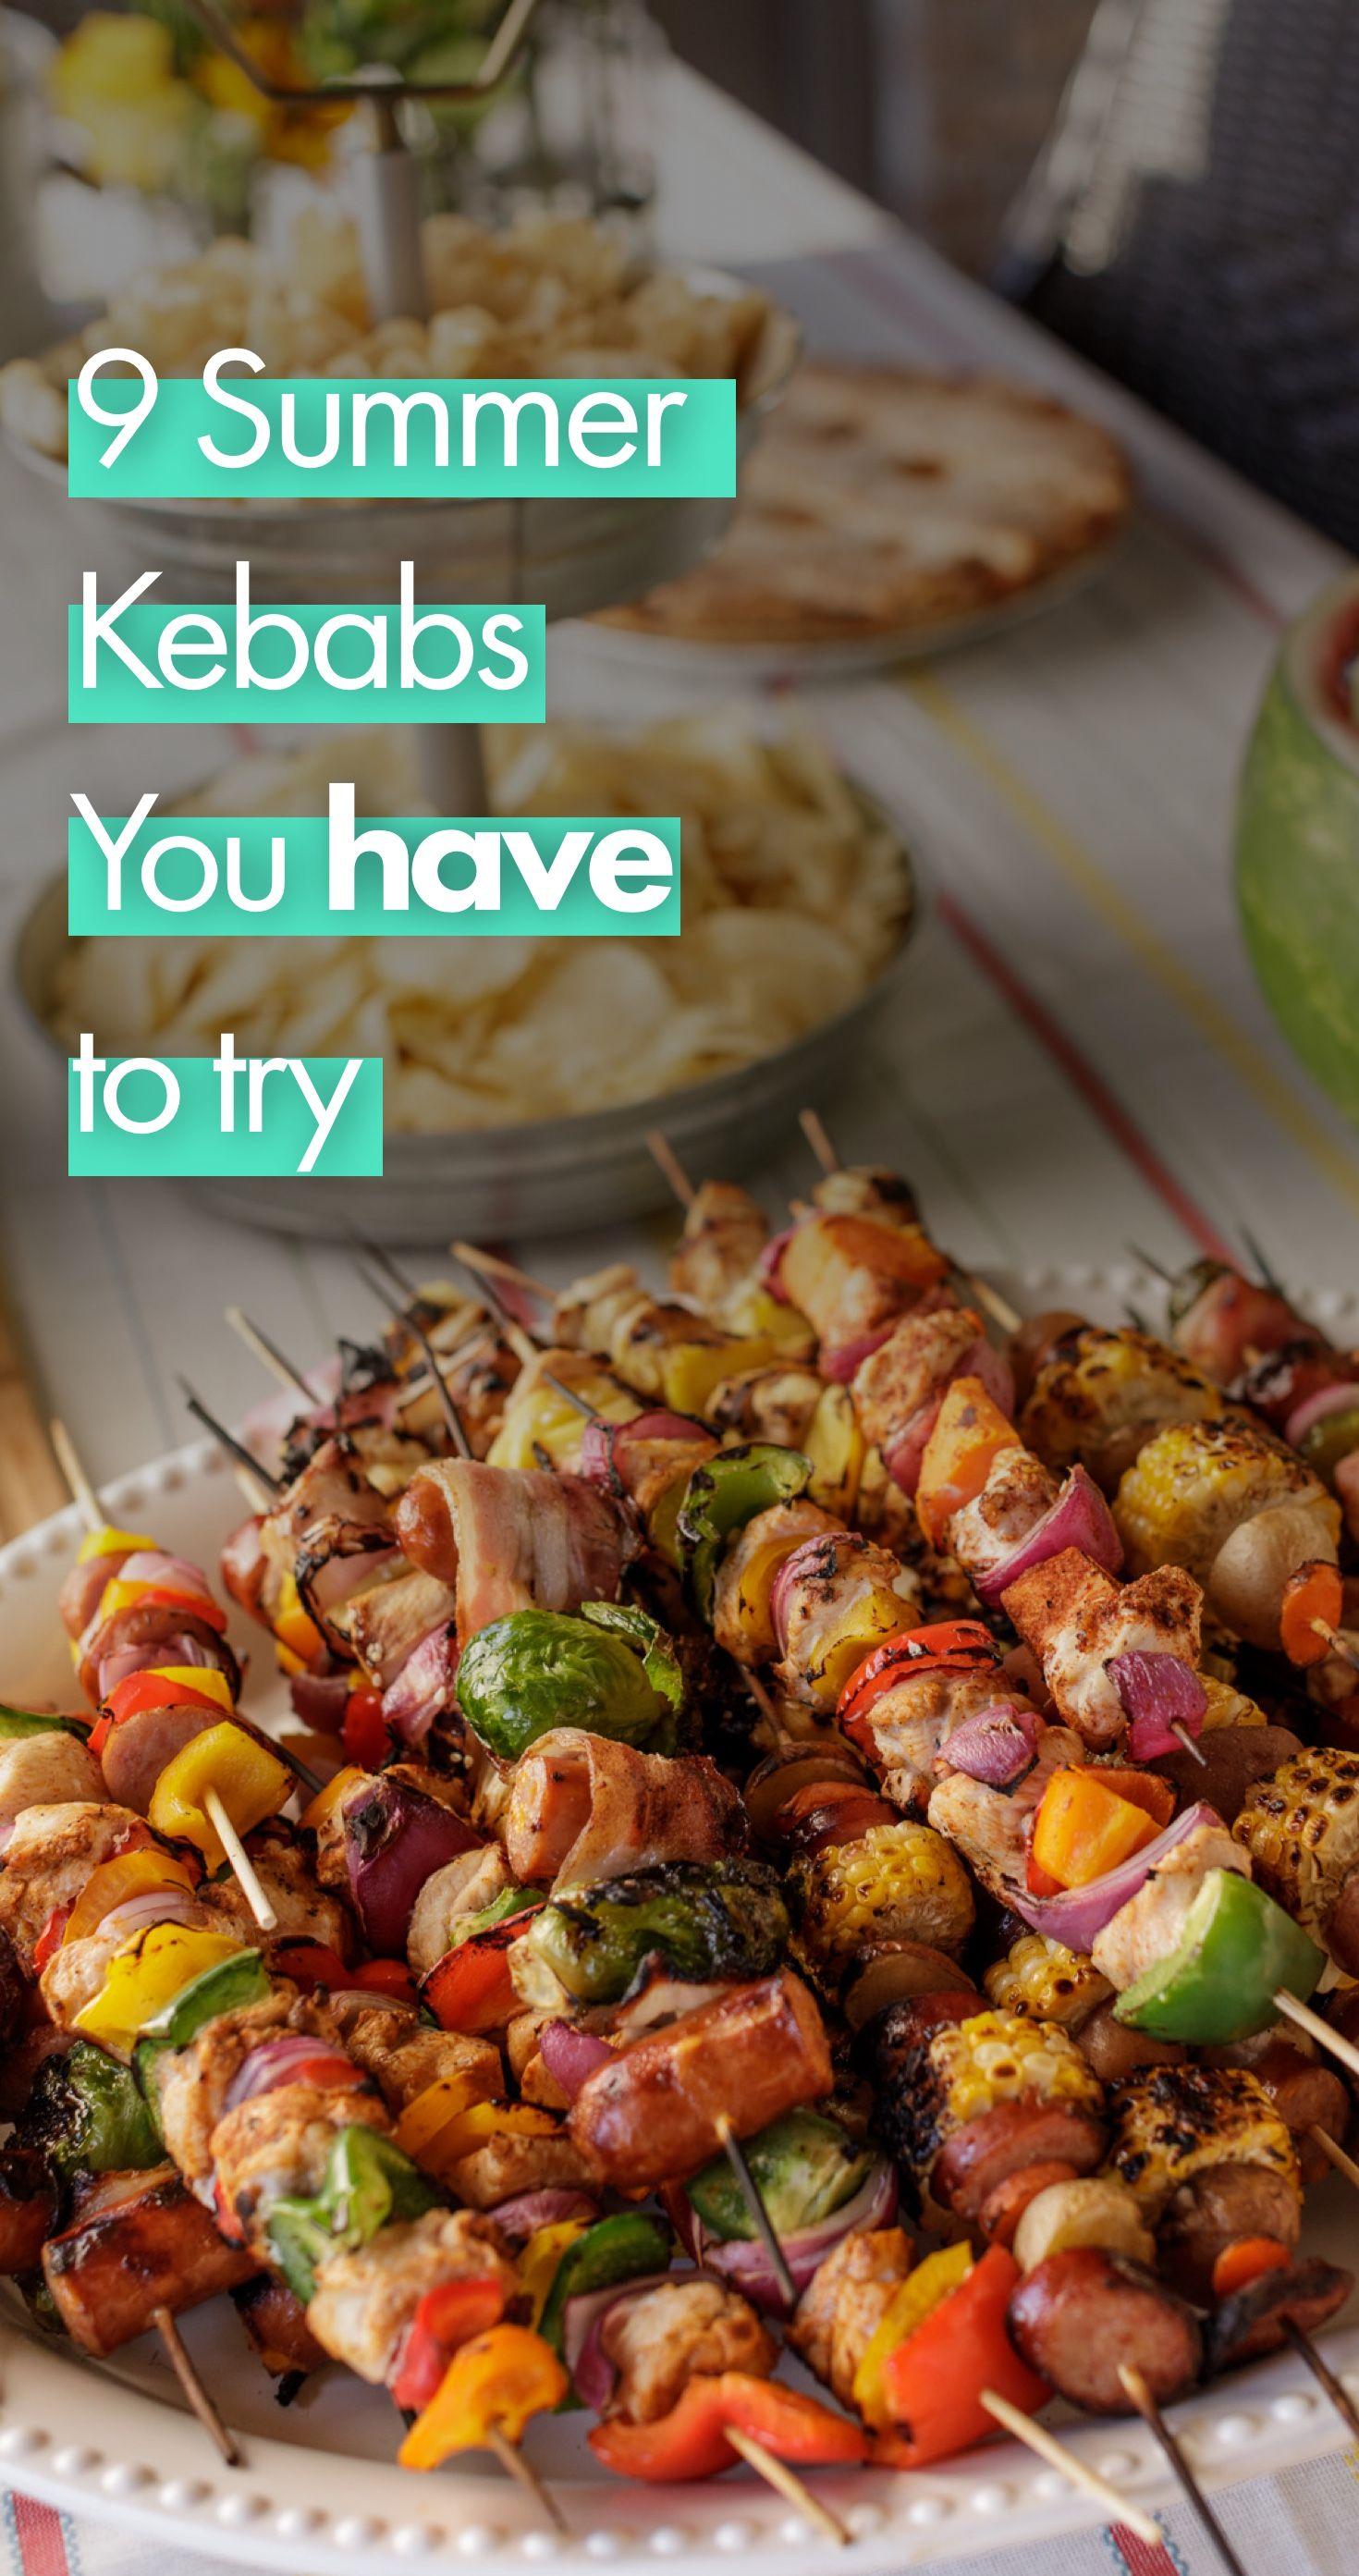 9 Summer Kebab Recipes Kebab Recipes Recipes Kabob Recipes